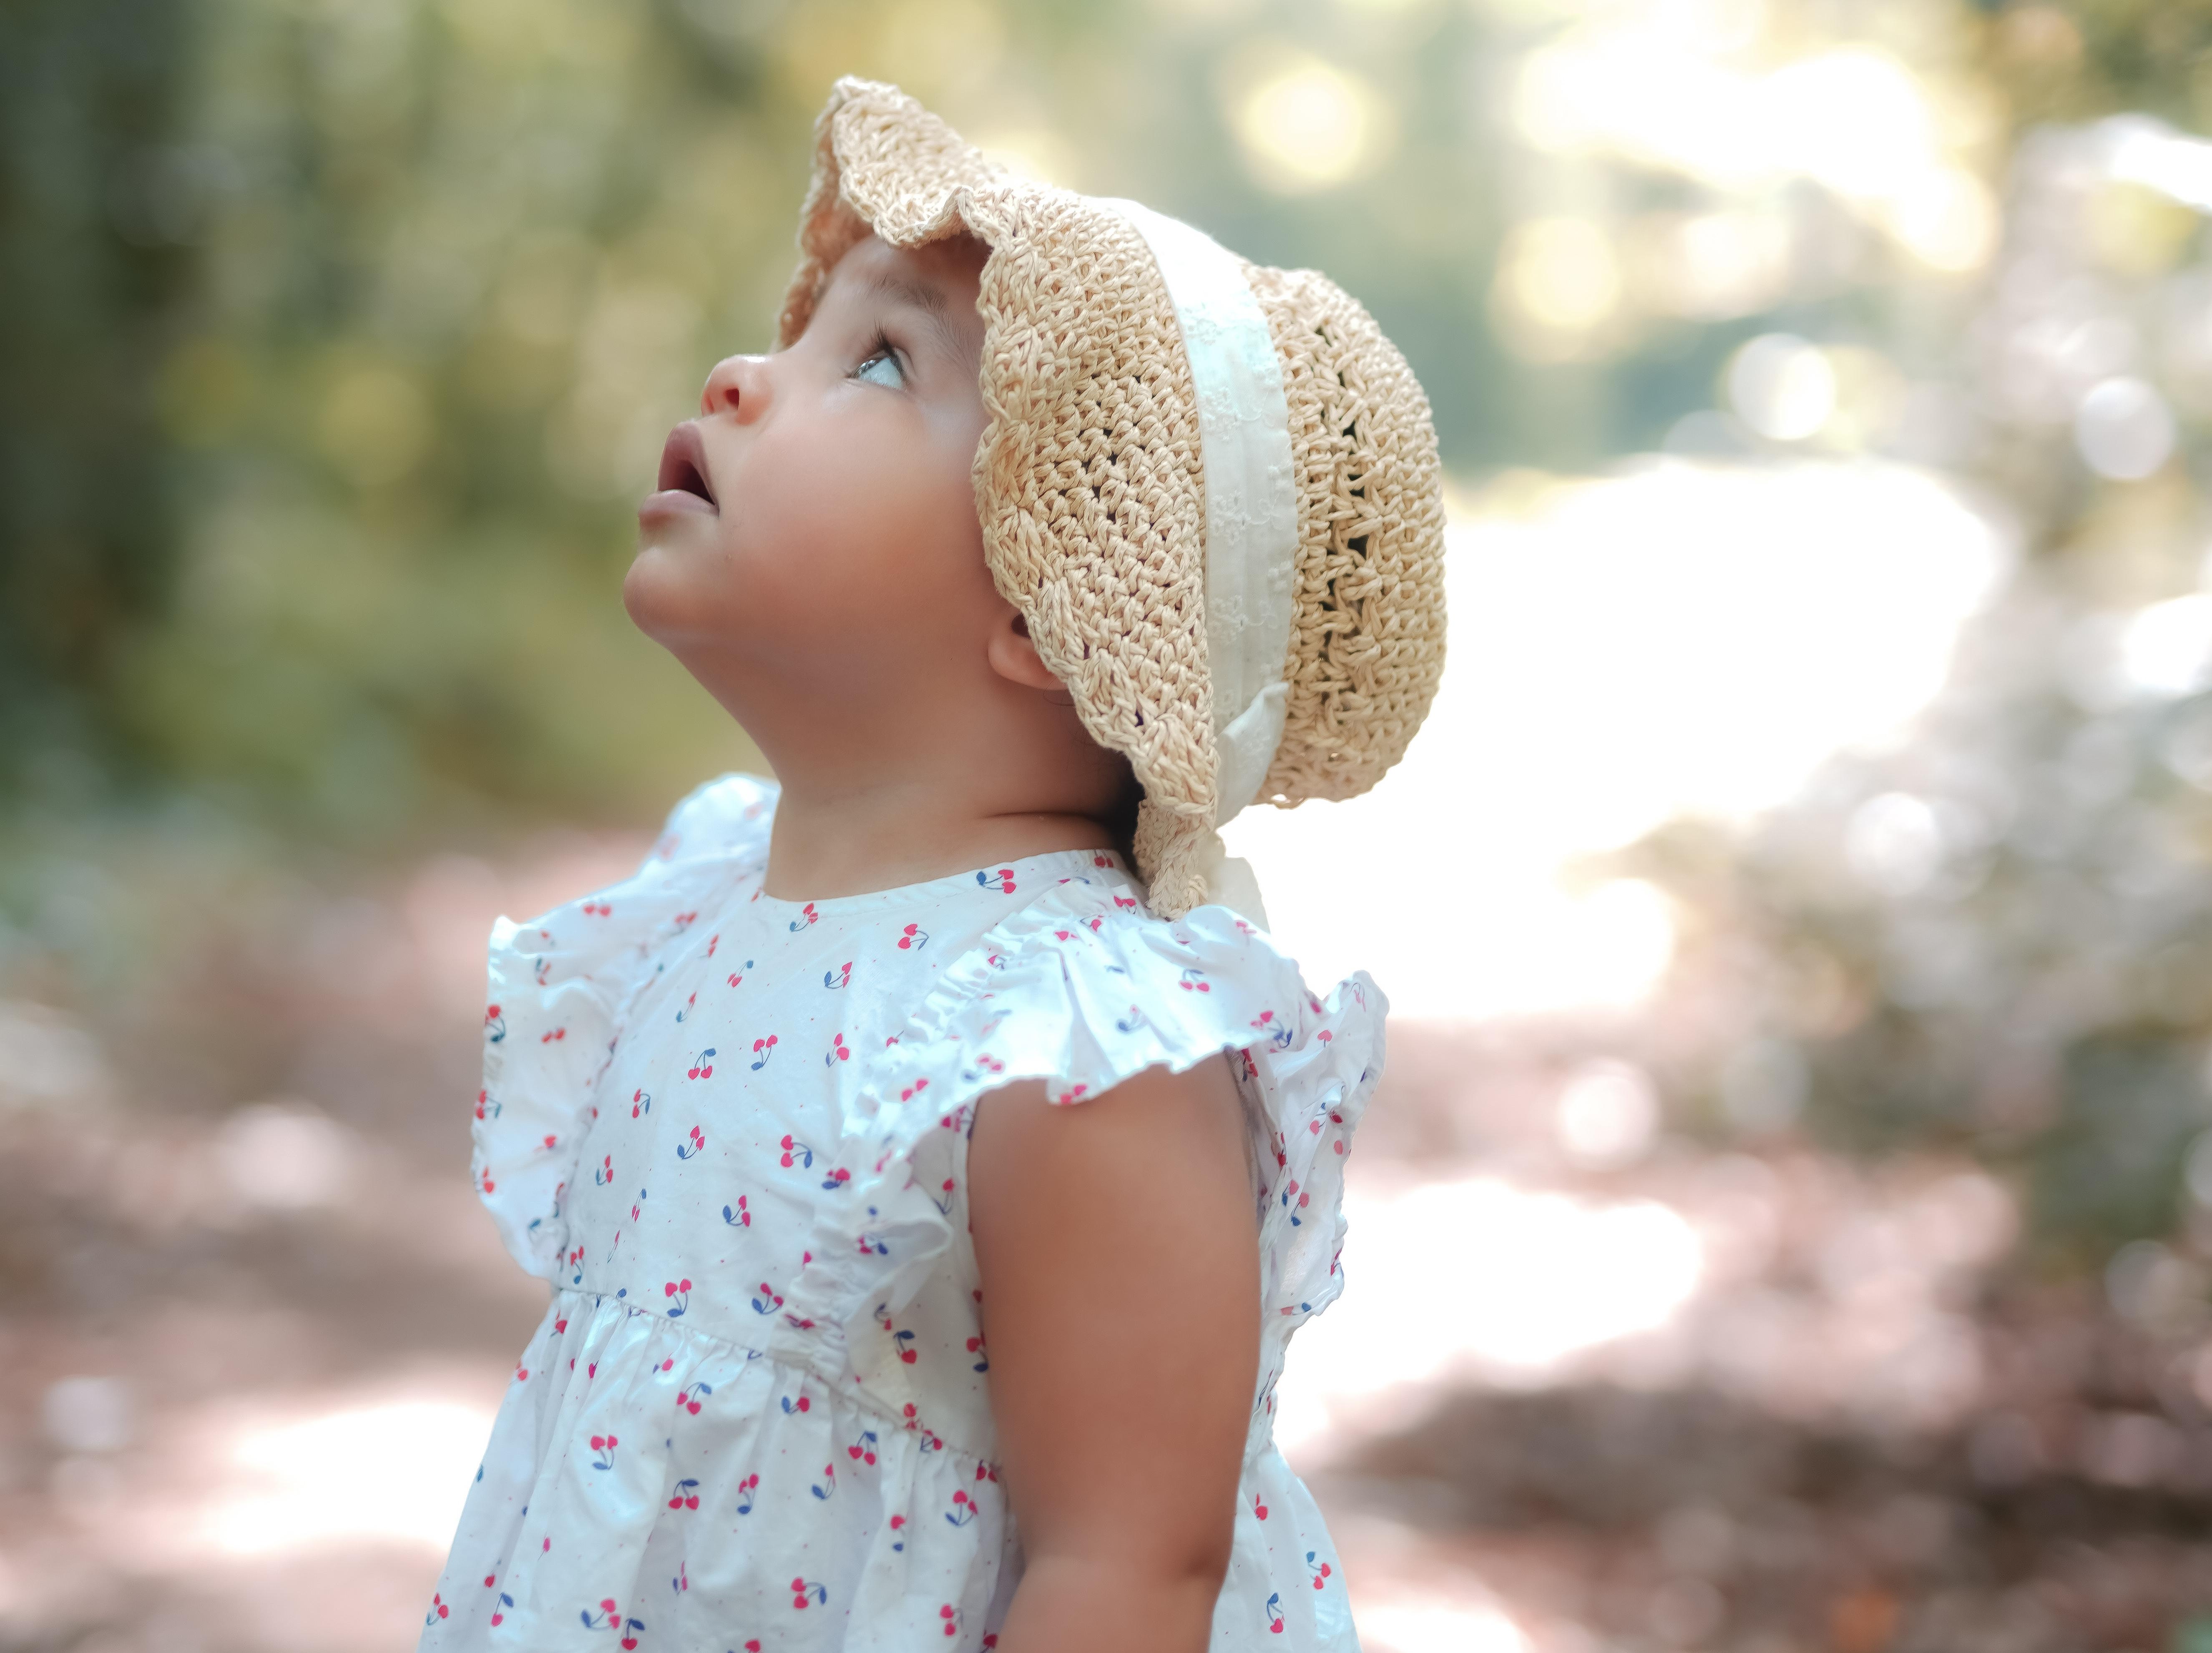 Séance photo enfant en forêt